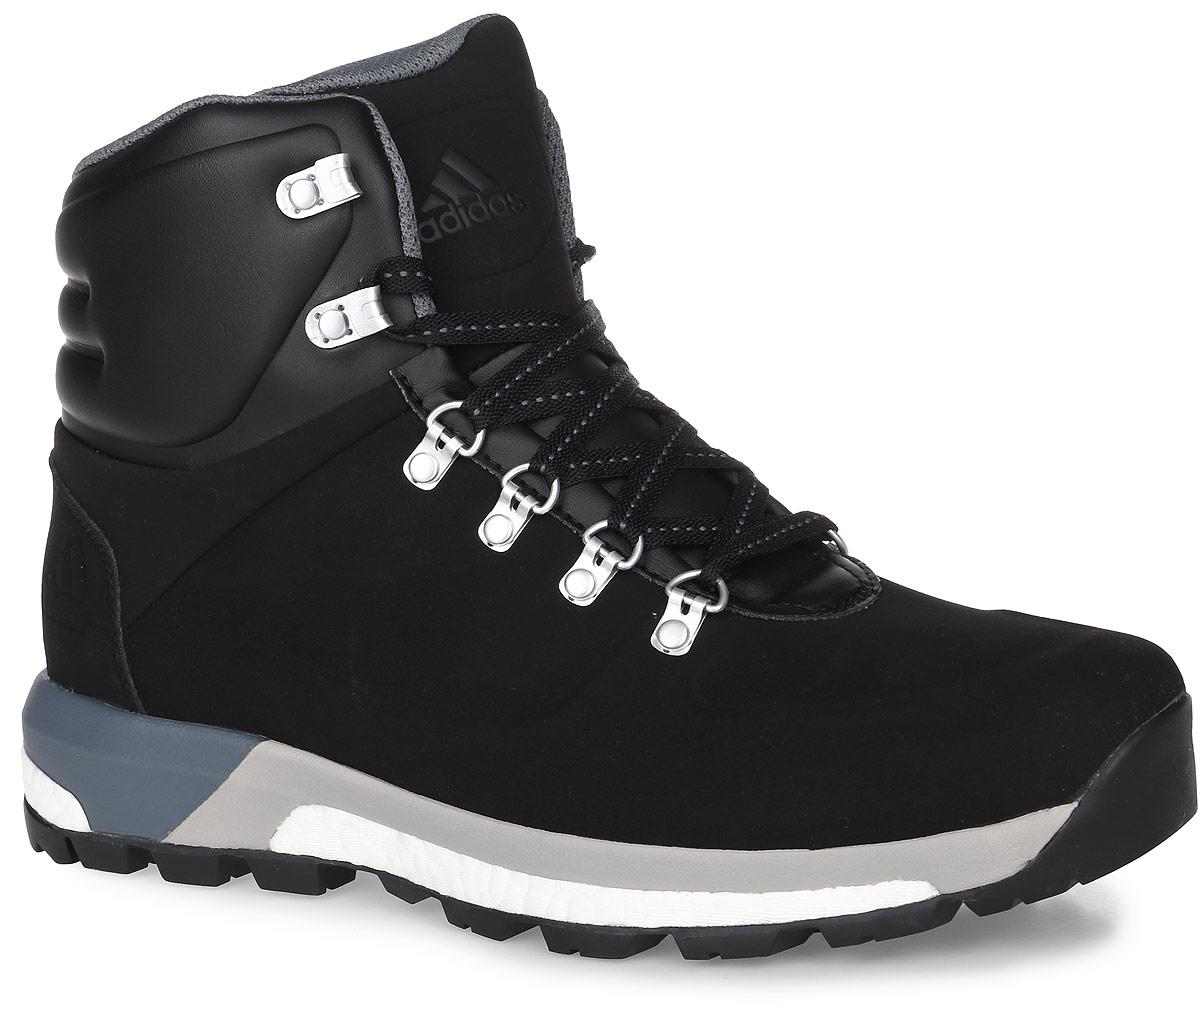 Ботинки мужские adidas CW Pathmaker, цвет: черный. AQ4052. Размер 8,5 (41)AQ4052Модель CW Pathmaker от adidas - урбанистическая версия классических туристических ботинок. Верх выполнен из искусственной кожи. Мужская модель с промежуточной подошвой boost, возвращающей энергию каждого шага, обеспечивает максимальную амортизацию и сохраняет свои свойства даже при сильных перепадах температуры. Удобная текстильная подкладка и высокотехнологичный синтетический наполнитель Primaloft продолжают греть даже во влажном состоянии, дышащая технология Climawarm сохраняет ноги в тепле и сухости. Резиновая подошва Continental обеспечивает отличное сцепление на любой поверхности: от сухого грунта до скользких горных троп. Пяточный каркас из ЭВА и система Pro-Moderator для поддержки средней части стопы и устойчивости. Комфортное литое голенище. Классическая шнуровка, металлические полукольца и крючки для шнуровки надежно зафиксируют модель на ноге.